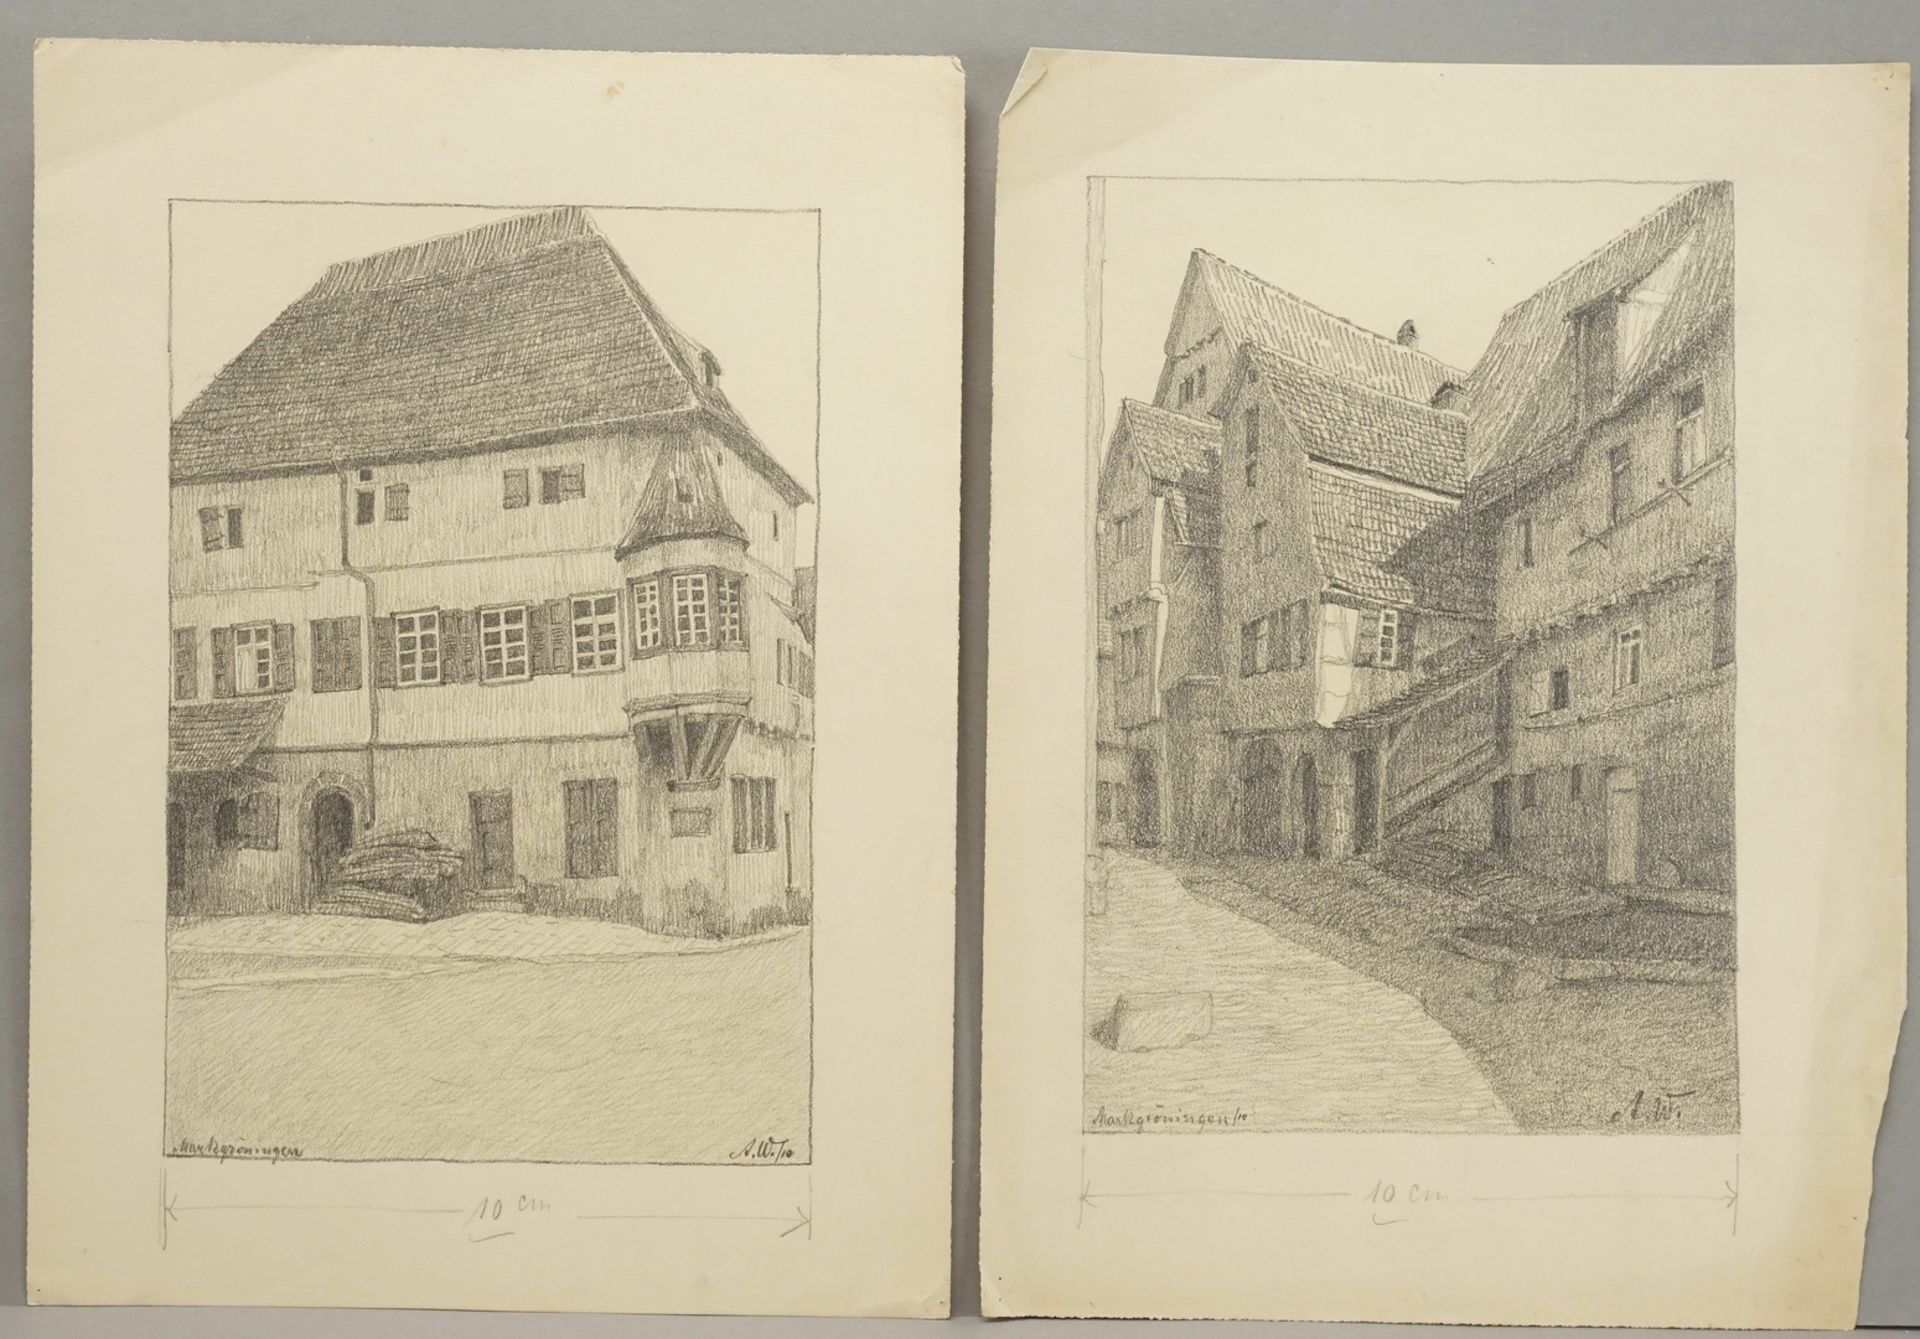 Sechs Handzeichnungen zu fränkischen Orten - Bild 3 aus 4